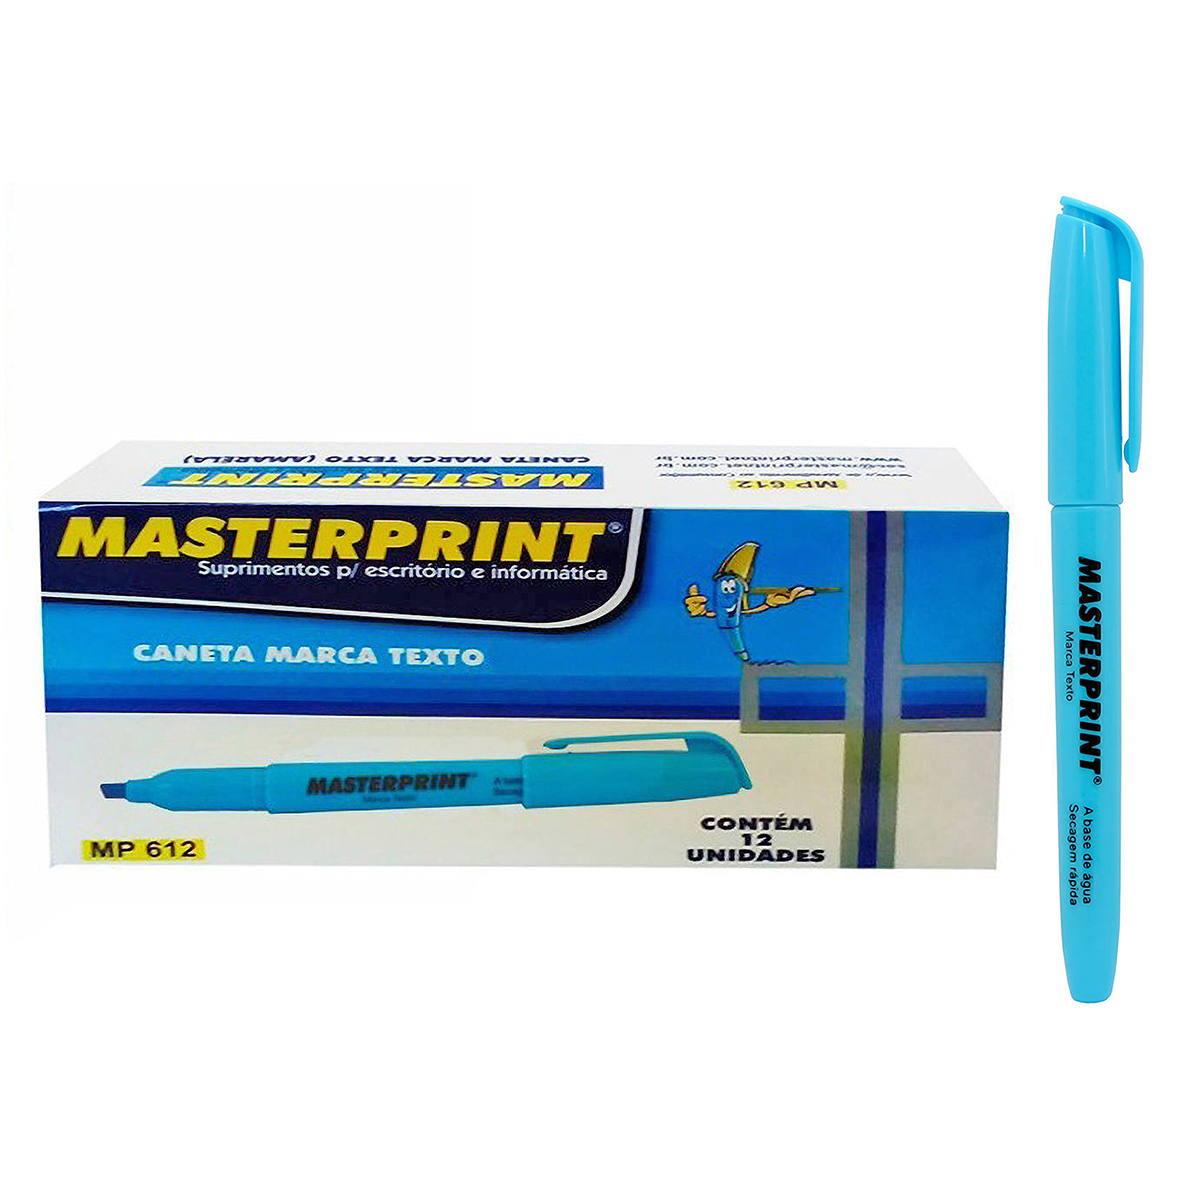 Caneta Marca Texto Azul com Ponta Chanfrada Masterprint MP612 Pincel MP 612 / Caixa com 12 Unidades